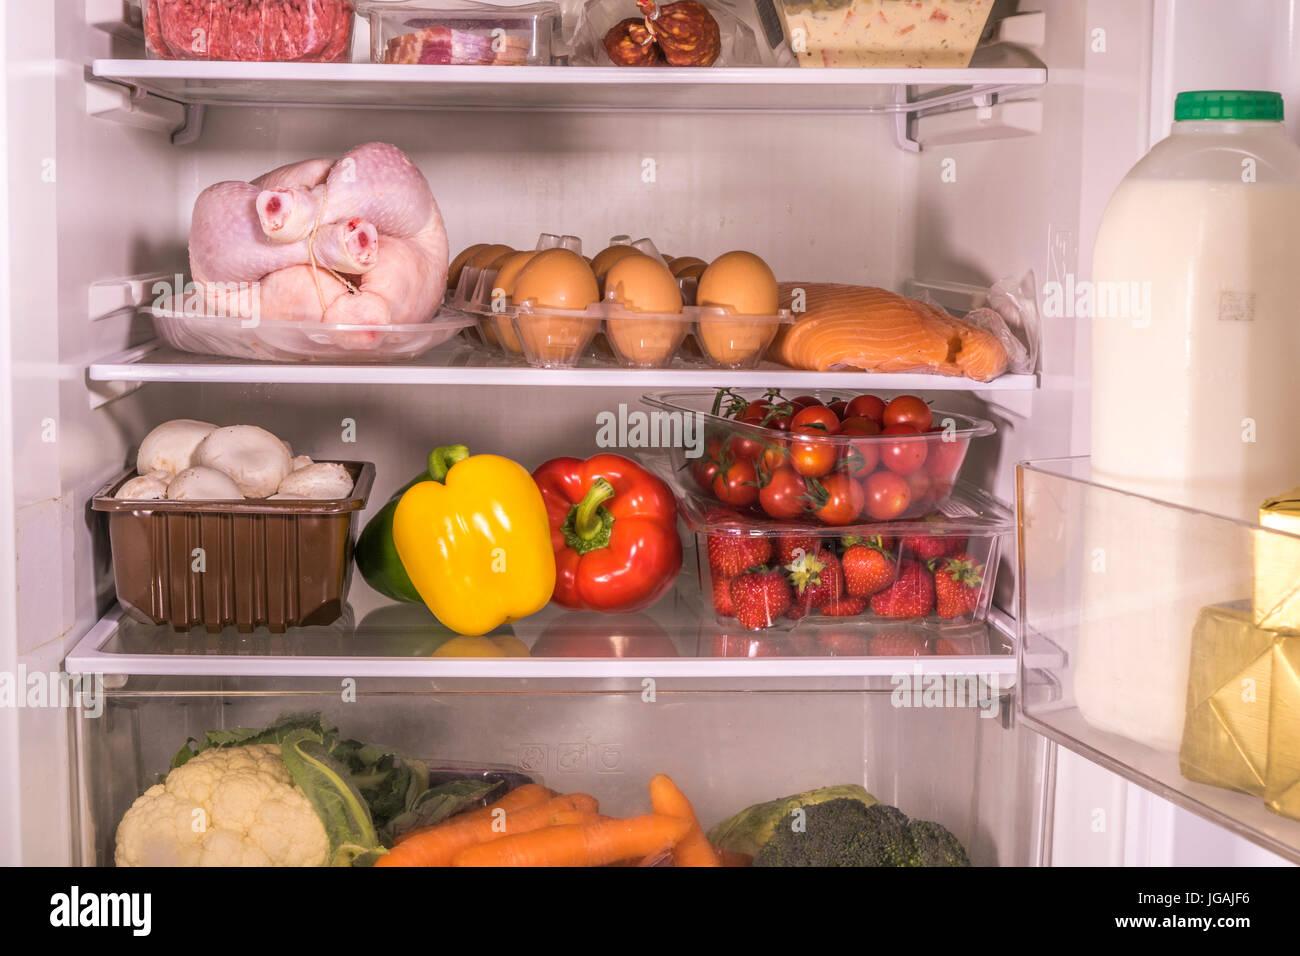 Kühlschrank Einlegeboden : Ein offener kühlschrank mit verschiedenen frischen essen und trinken